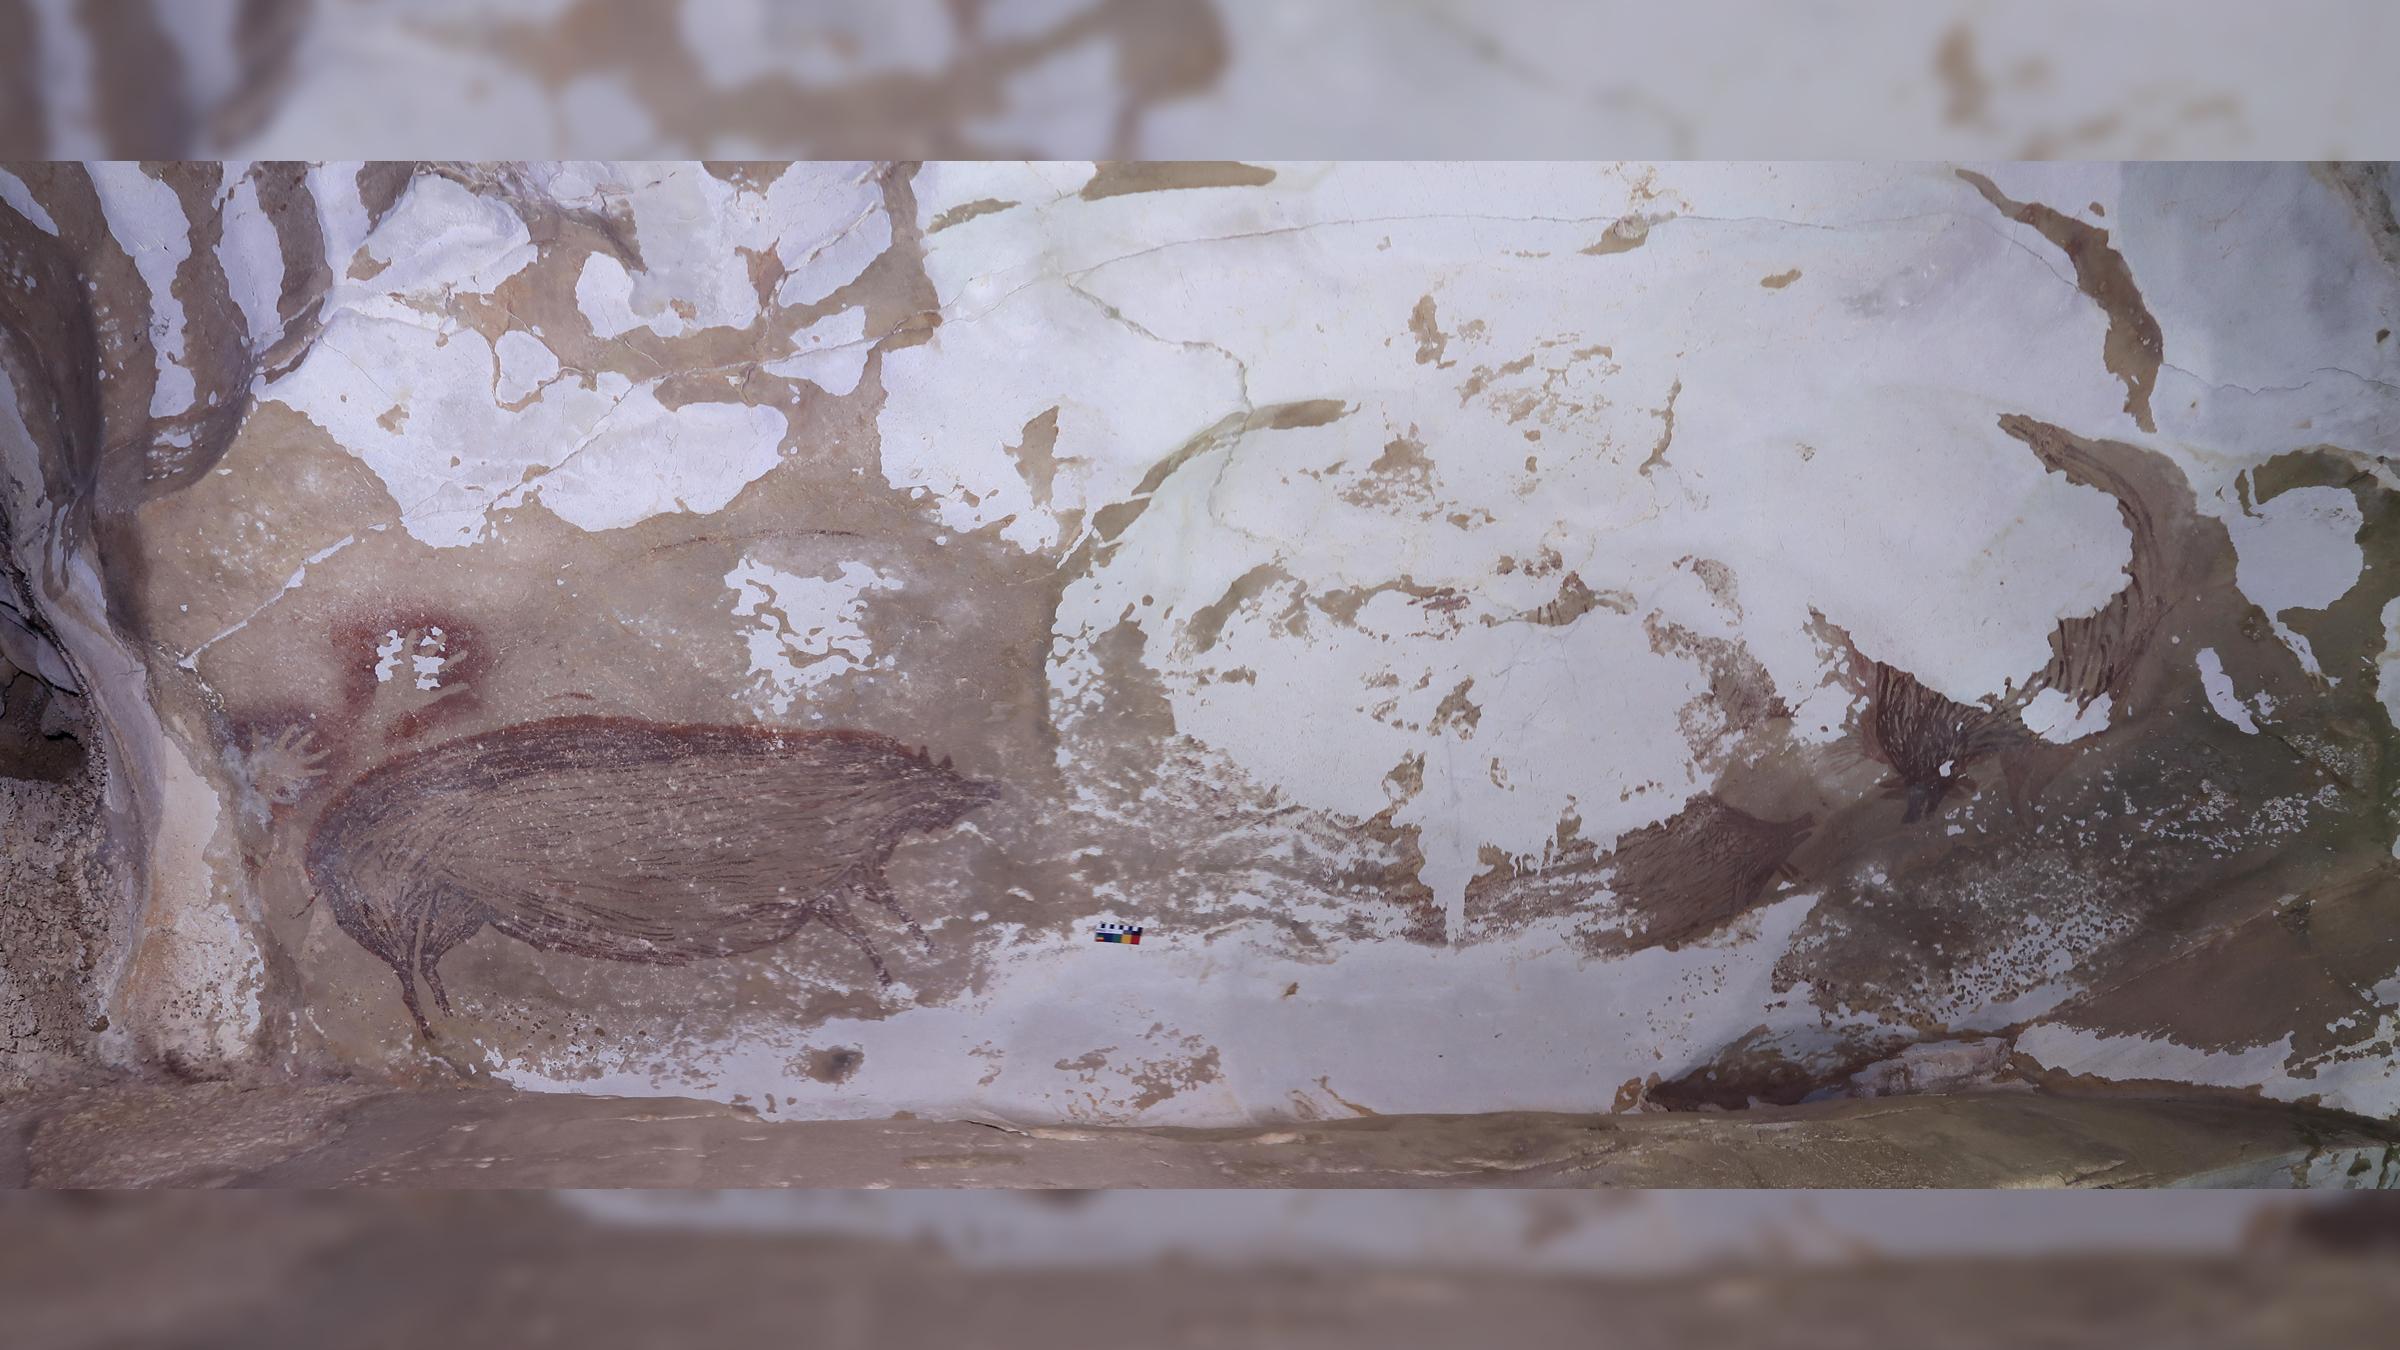 Le panneau d'art rupestre étudié à la grotte Leang Tedongnge.